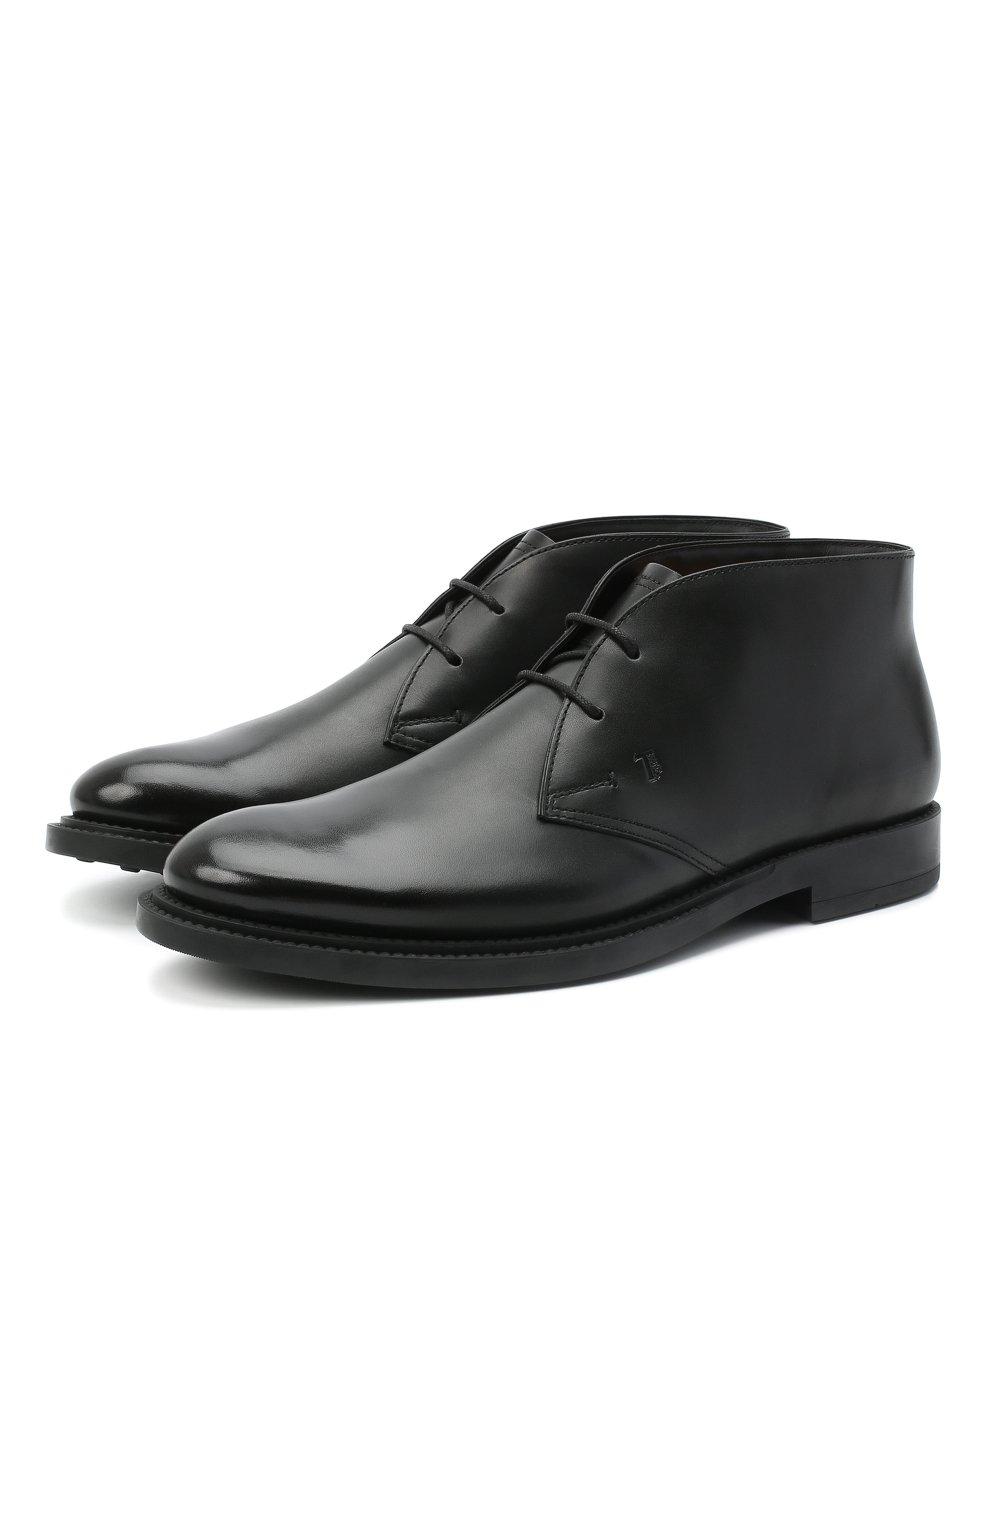 Мужские кожаные ботинки TOD'S черного цвета, арт. XXM62C0DH600LW   Фото 1 (Мужское Кросс-КТ: Ботинки-обувь, Дезерты-обувь; Материал внутренний: Натуральная кожа; Подошва: Плоская)